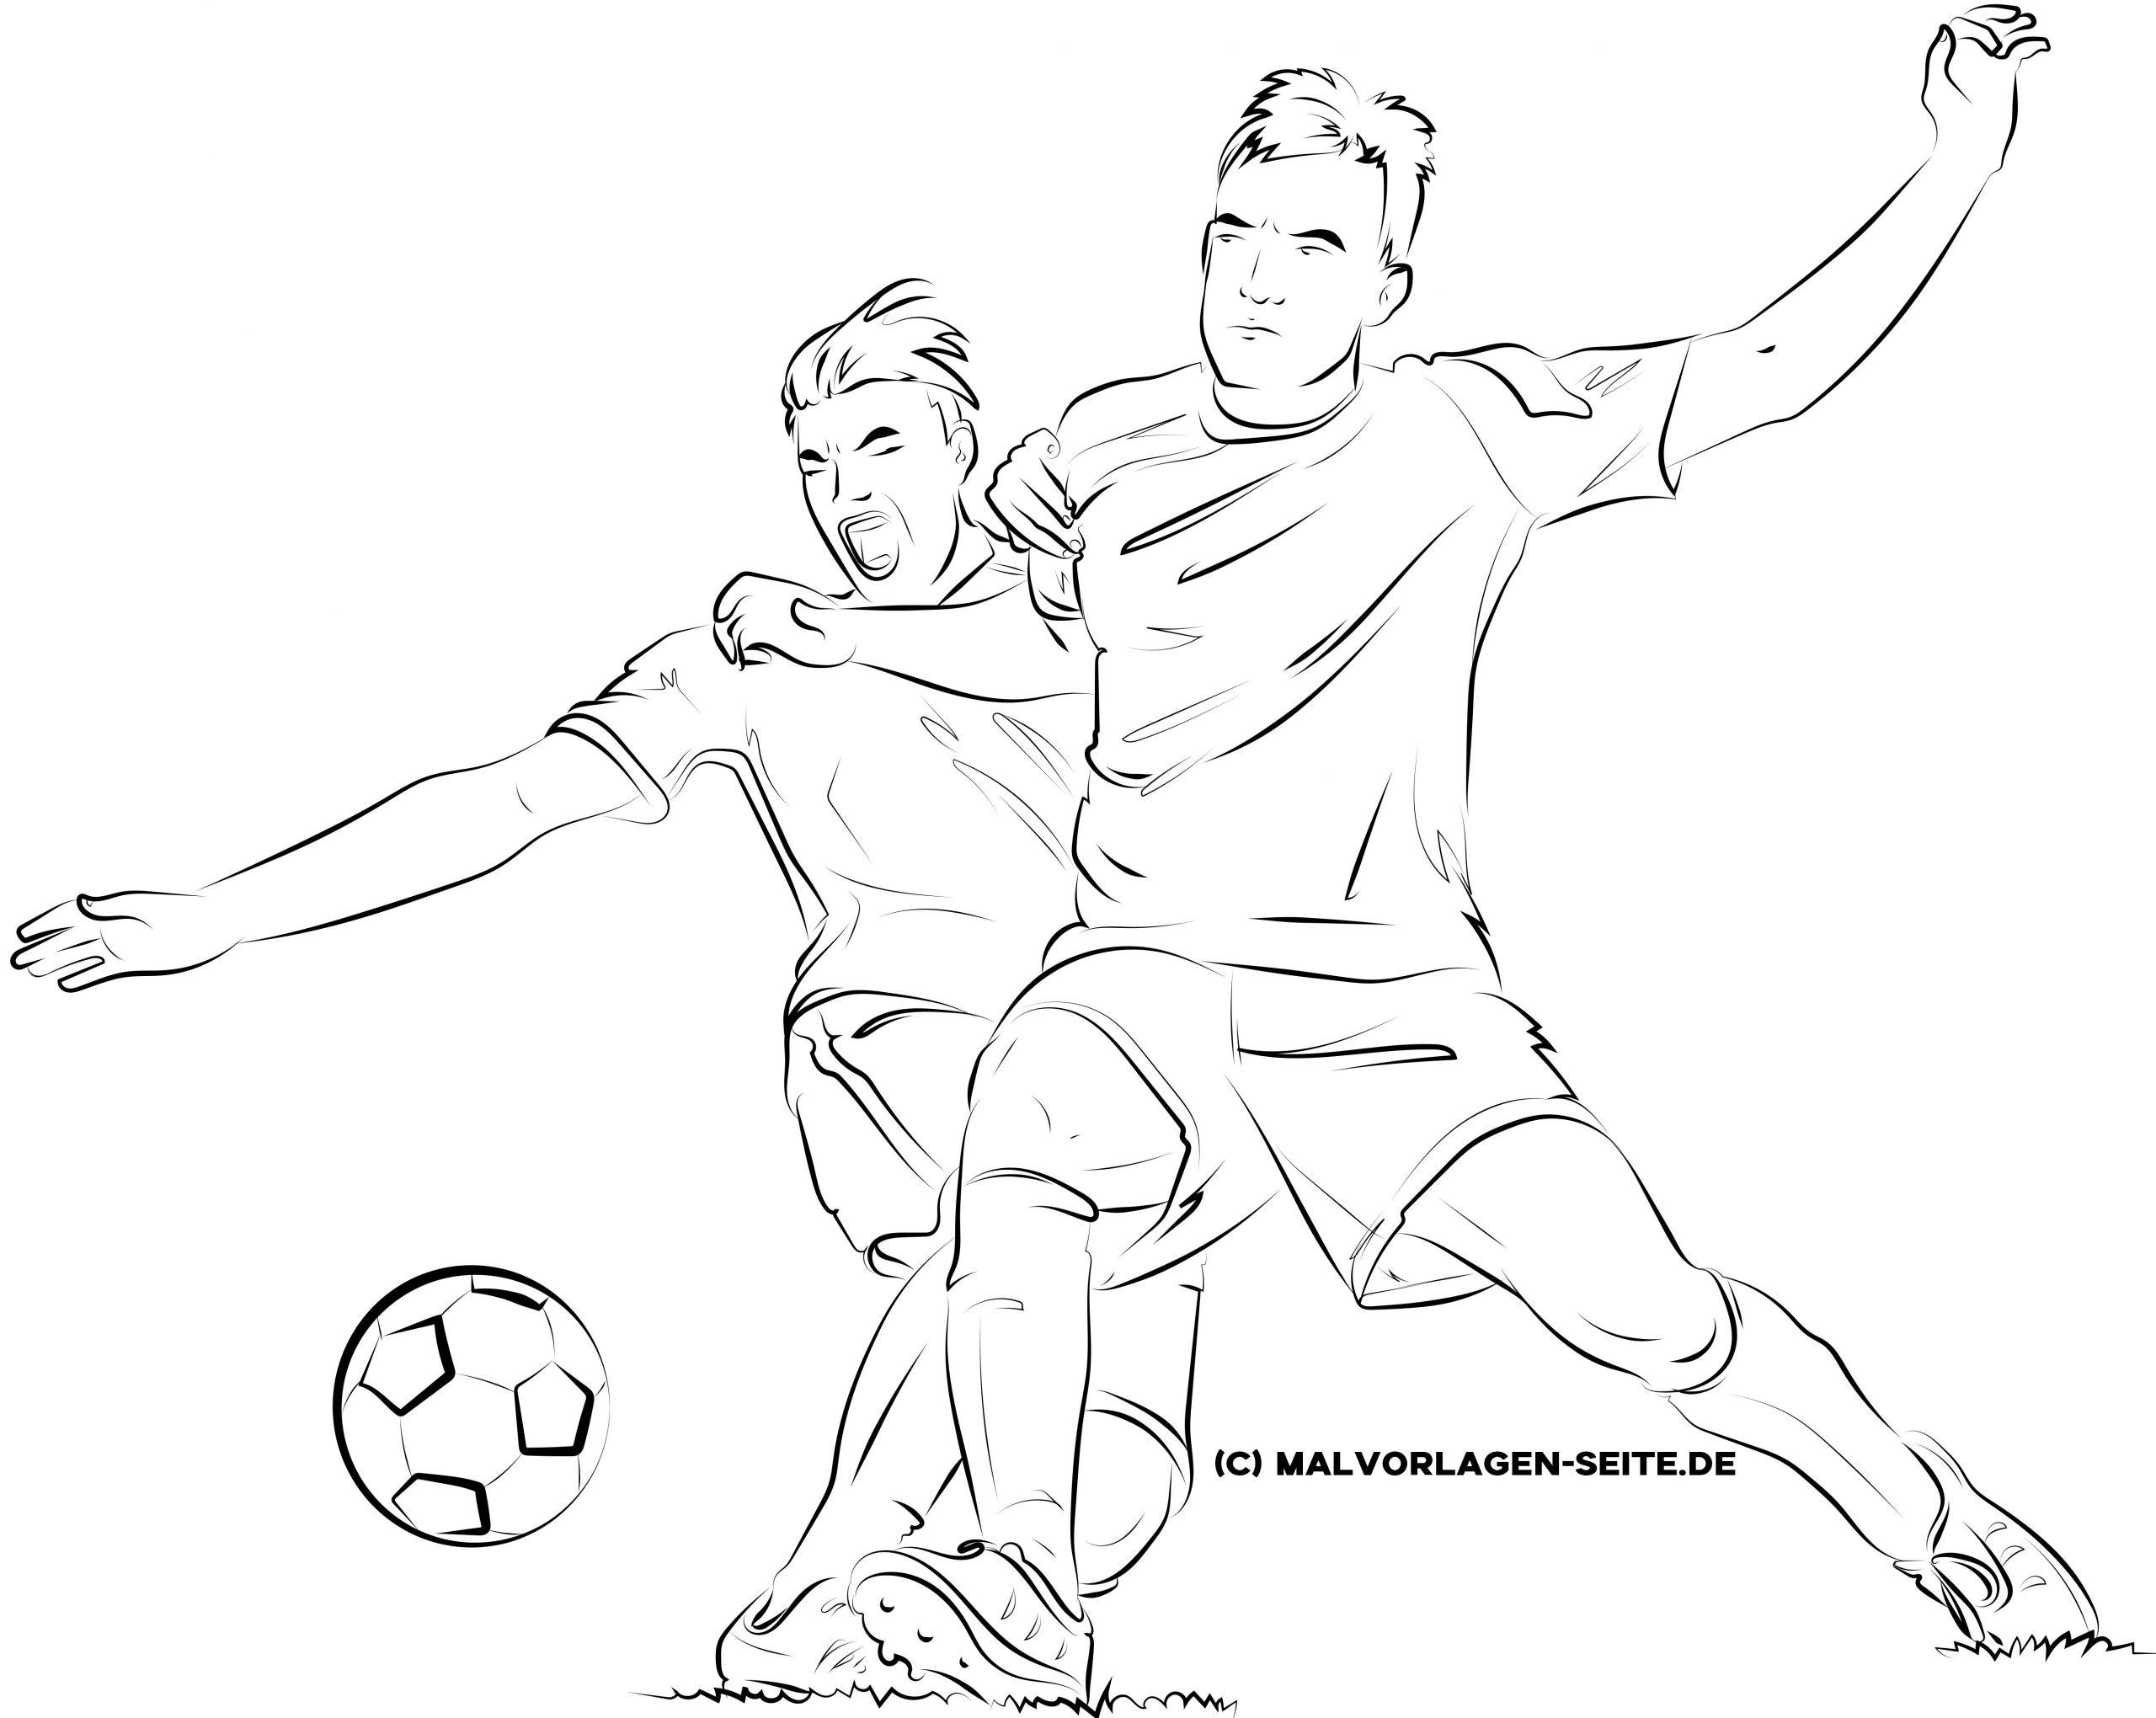 Malvorlage Fußball Für Erwachsene - Ausmalbilder Kostenlos innen Ausmalbilder Fußball Kostenlos